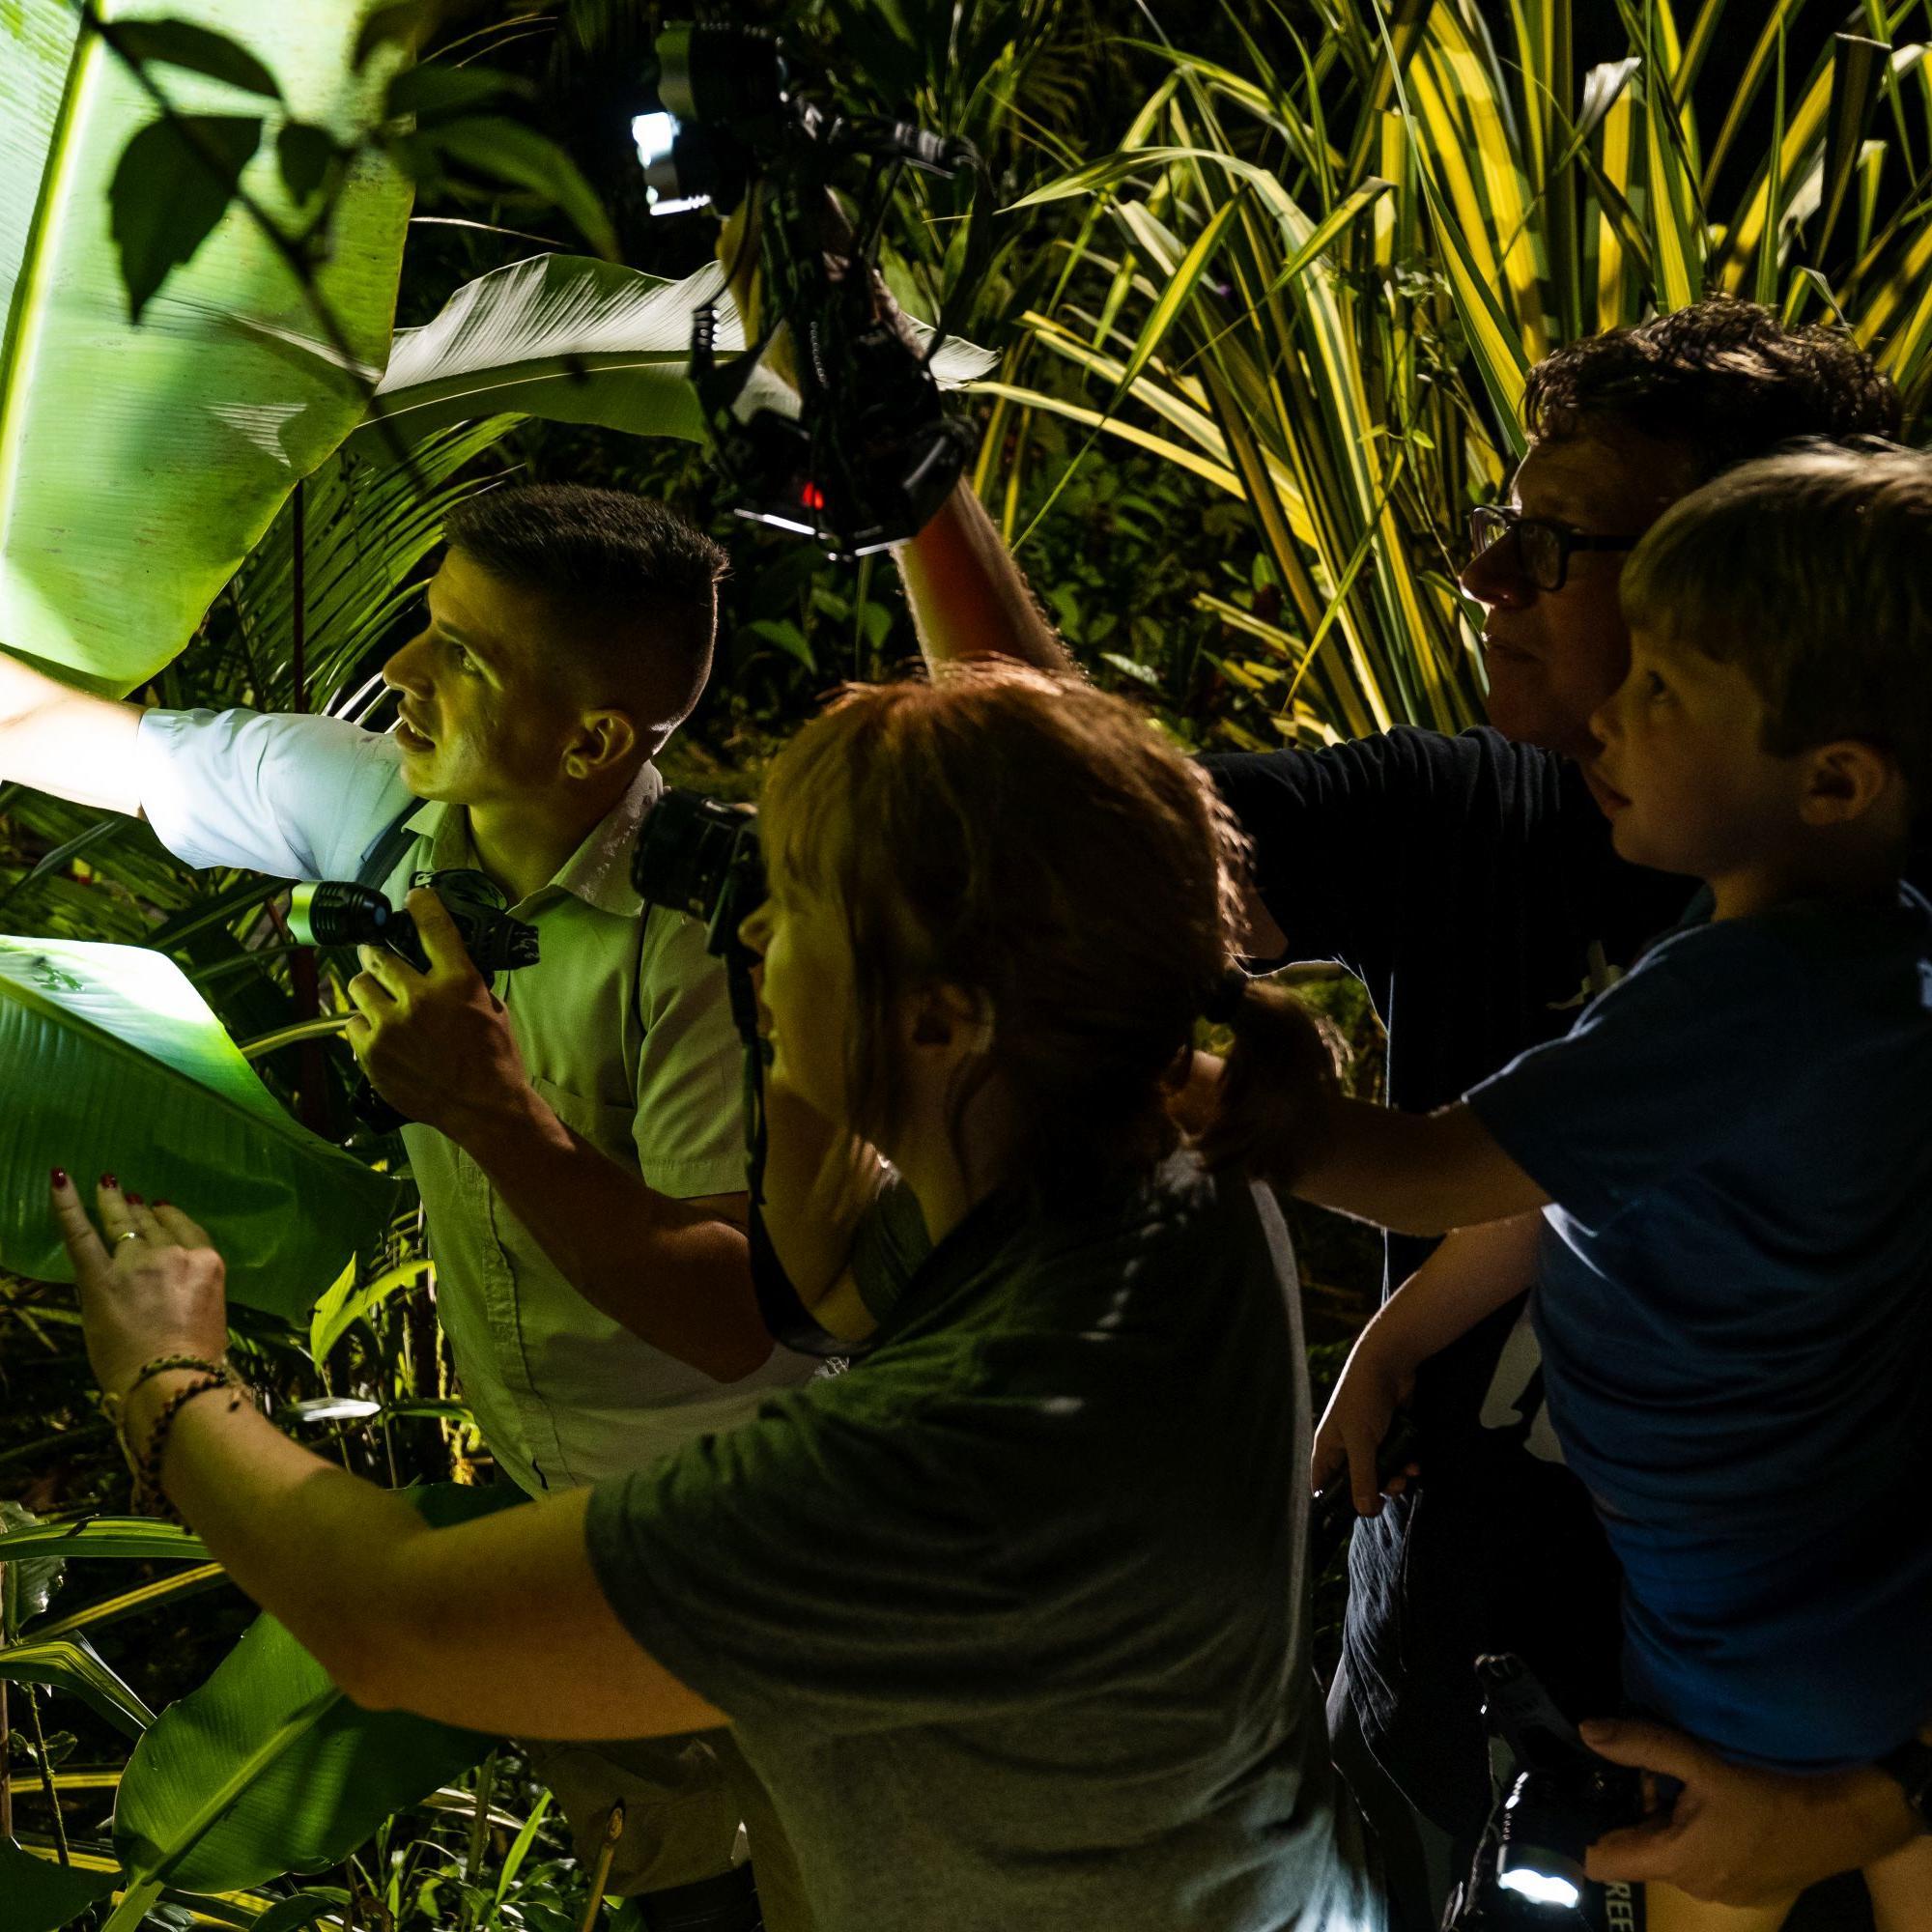 Equipo de filmación en el bosque